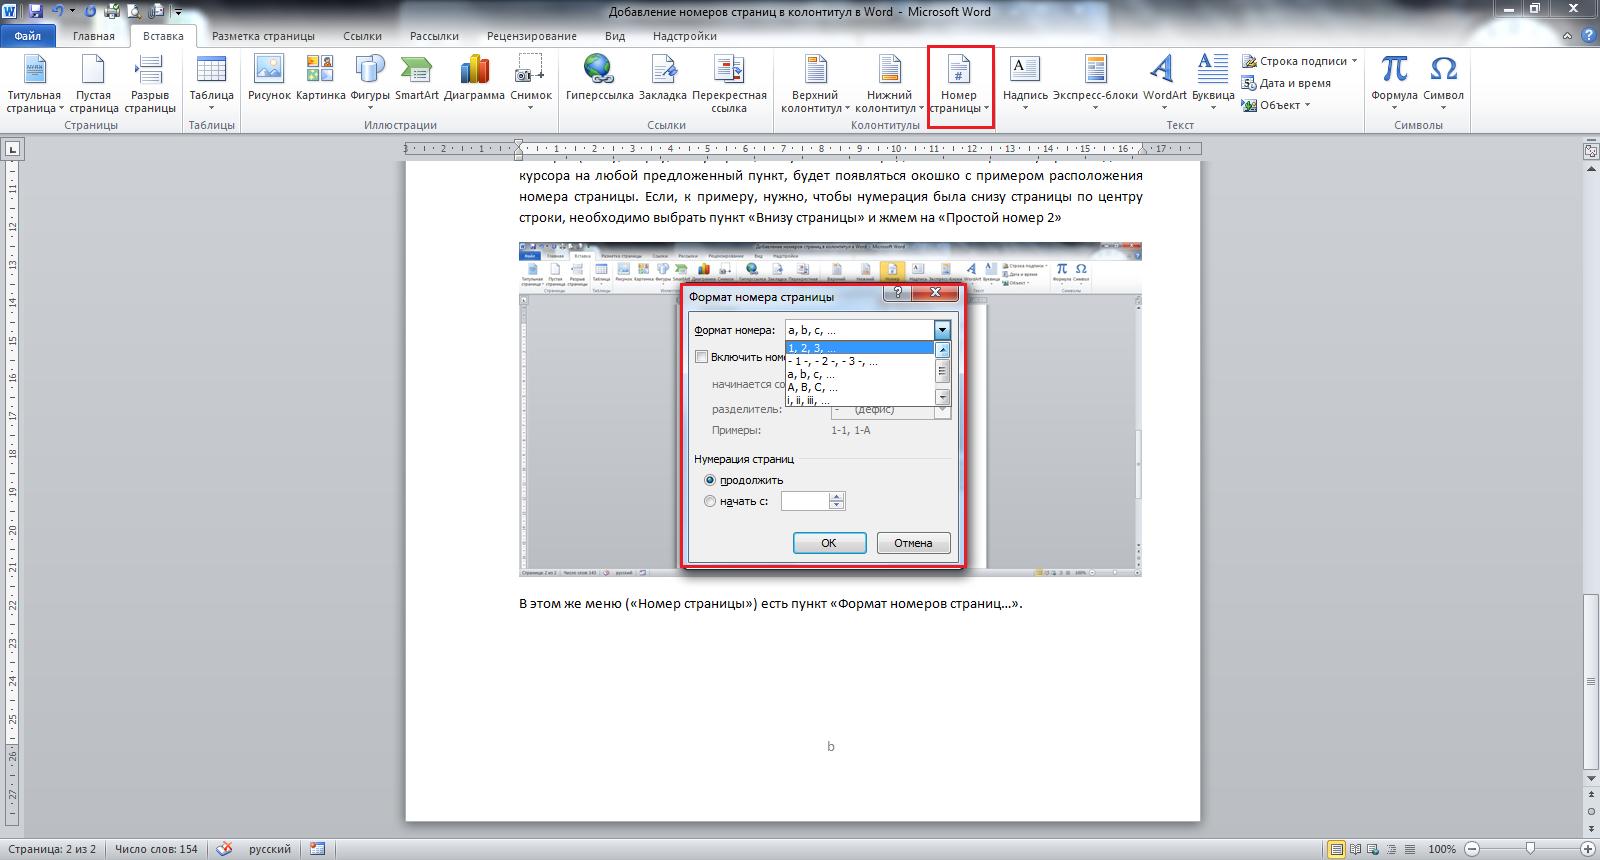 Как в ворде 2010 сделать нумерацию страниц с 2 страницы